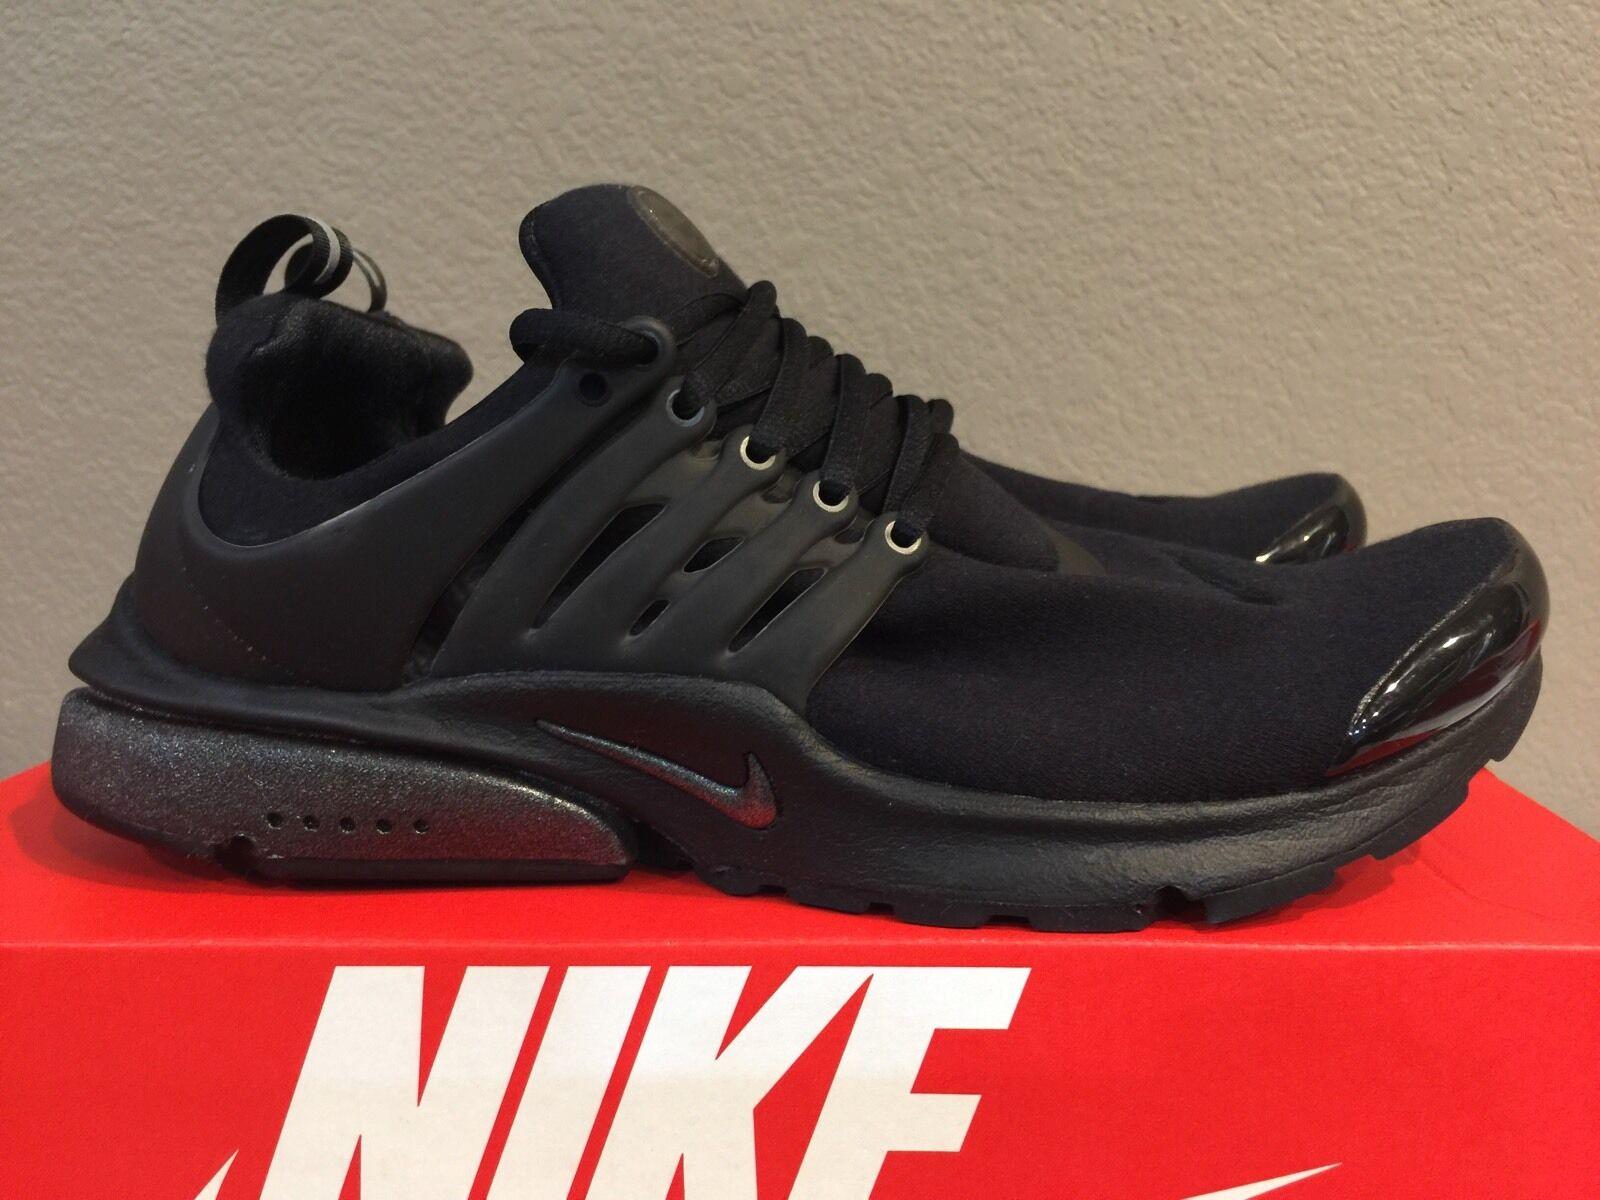 Nike Air Presto TP QS Tech Fleece Triple Black Size M (M 10-11) [812307 001]